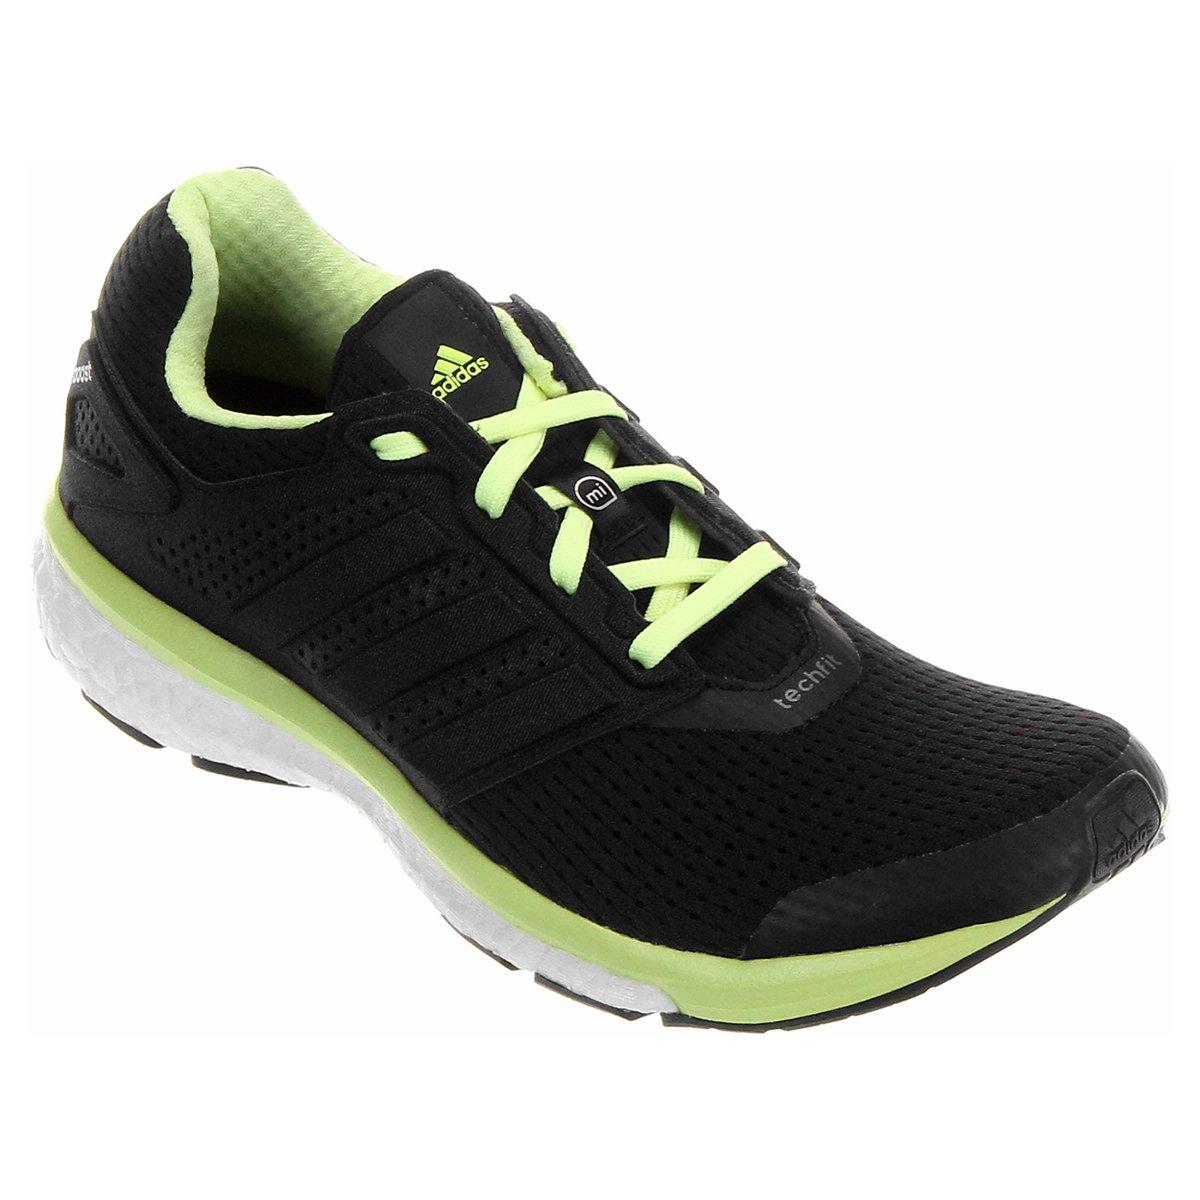 tenis adidas preto e verde limão